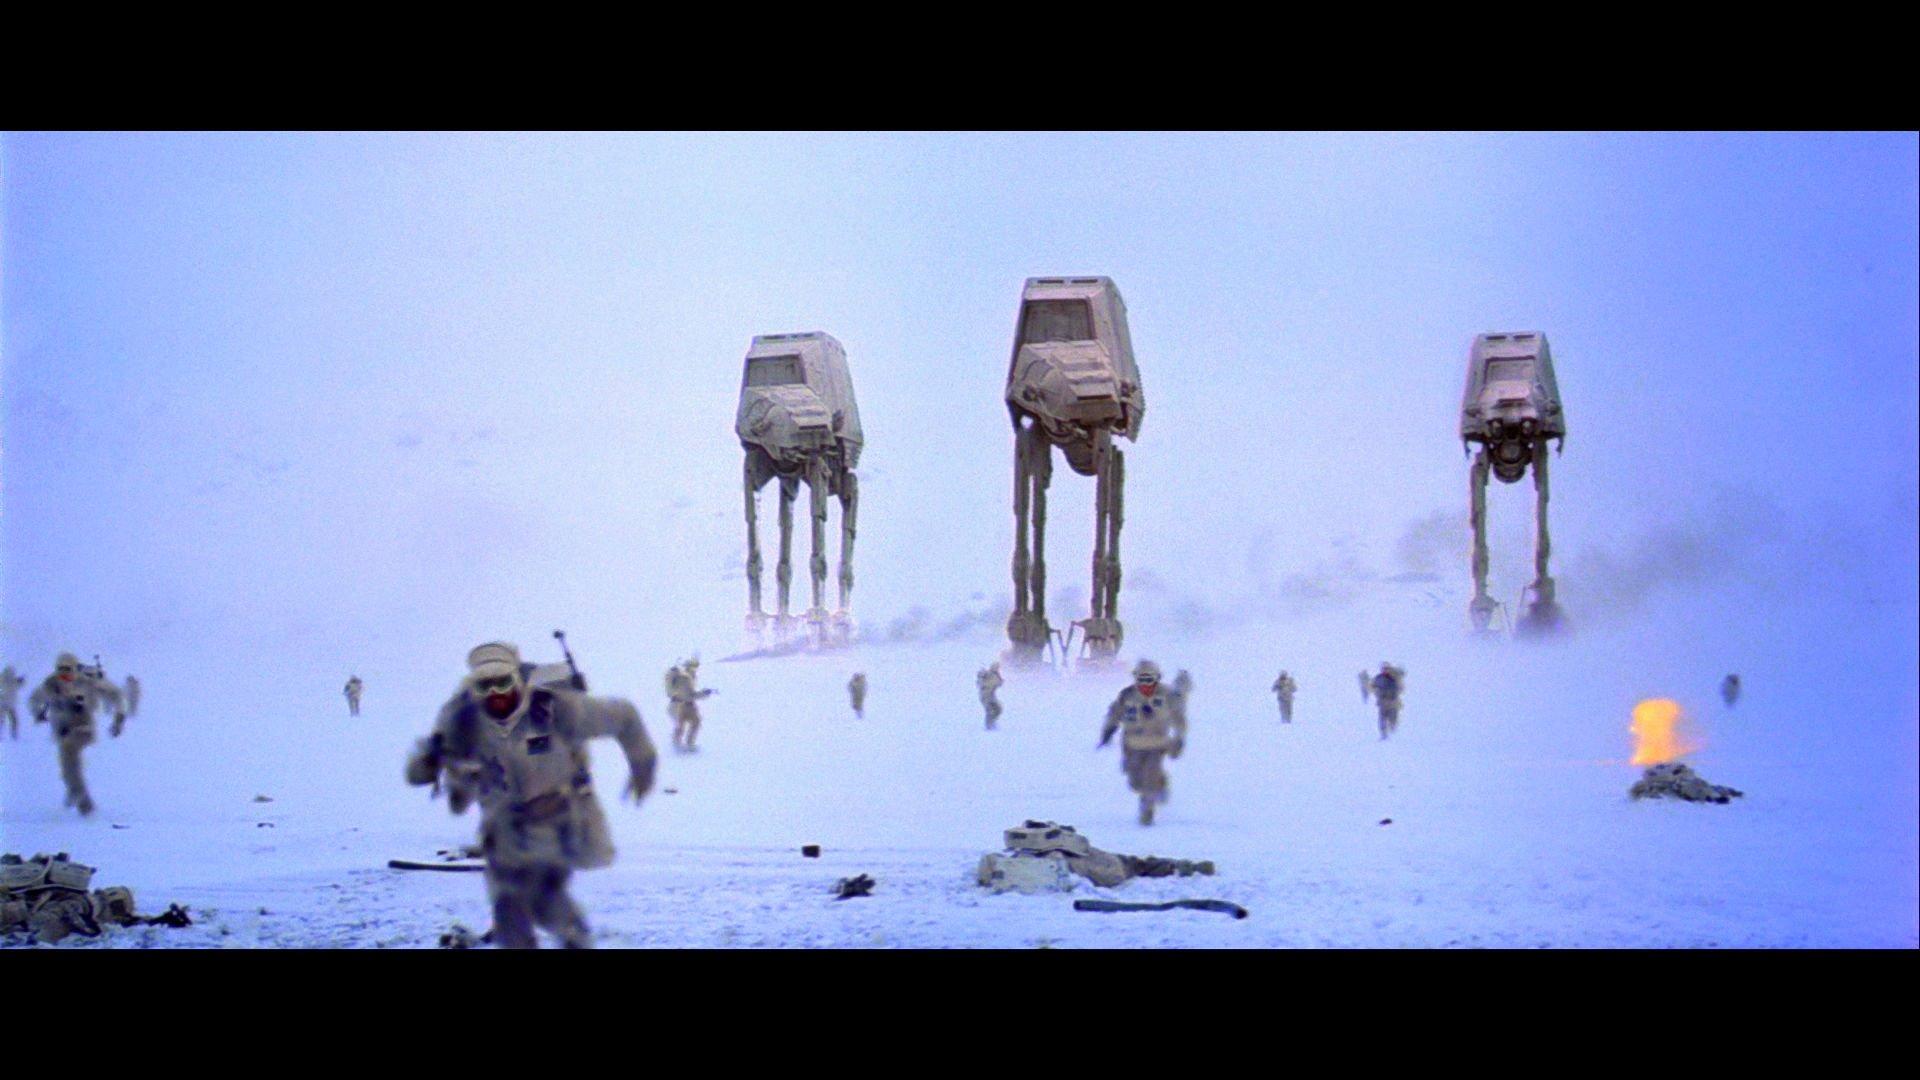 Sci Fi Wallpaper Hd Star Wars Empire Strikes Back Sci Fi Futuristic Movie Film